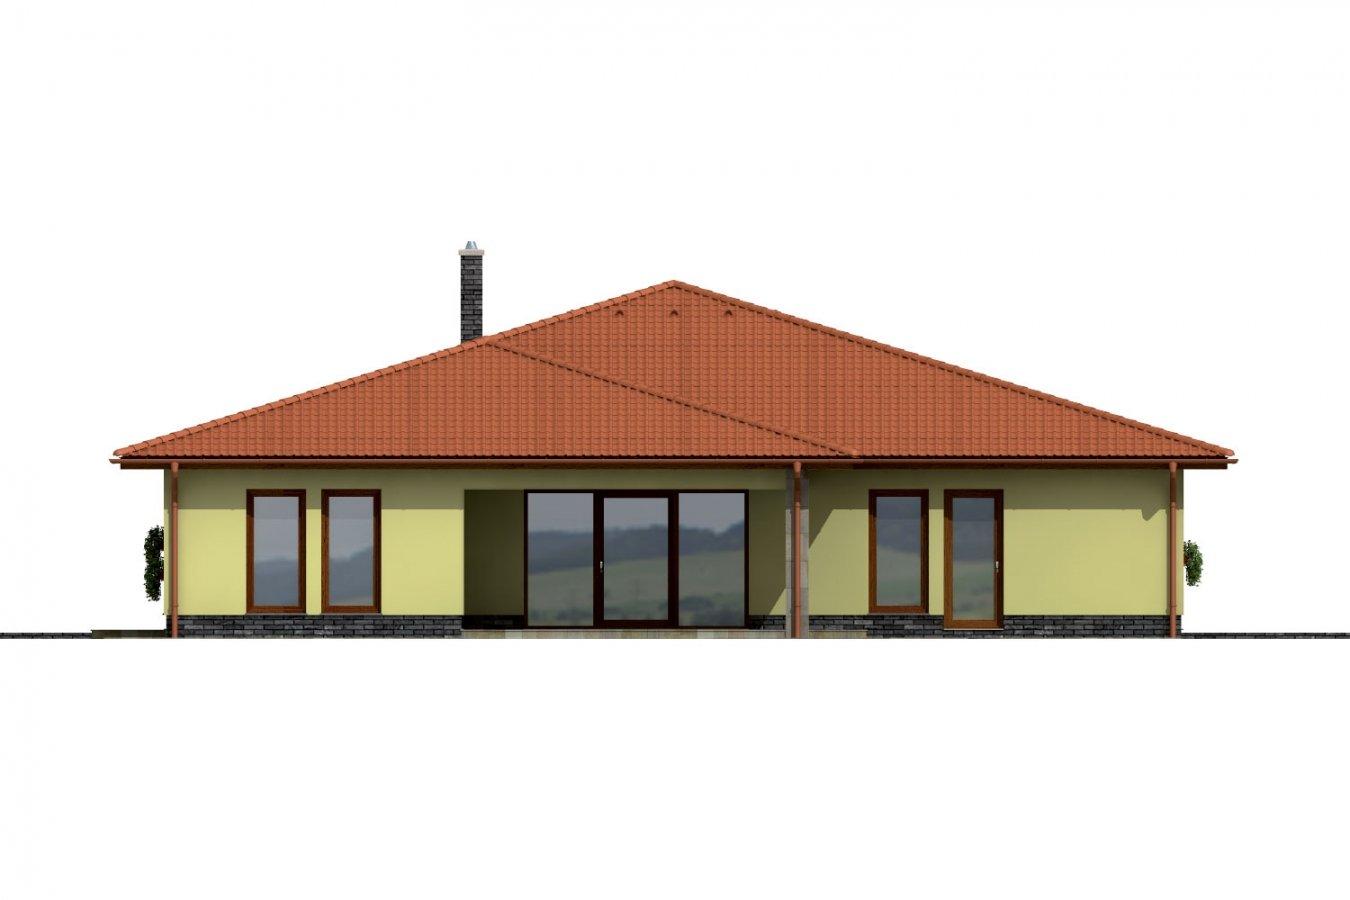 Pohľad 4. - Exkluzívny bungalov s dvomi garážami.